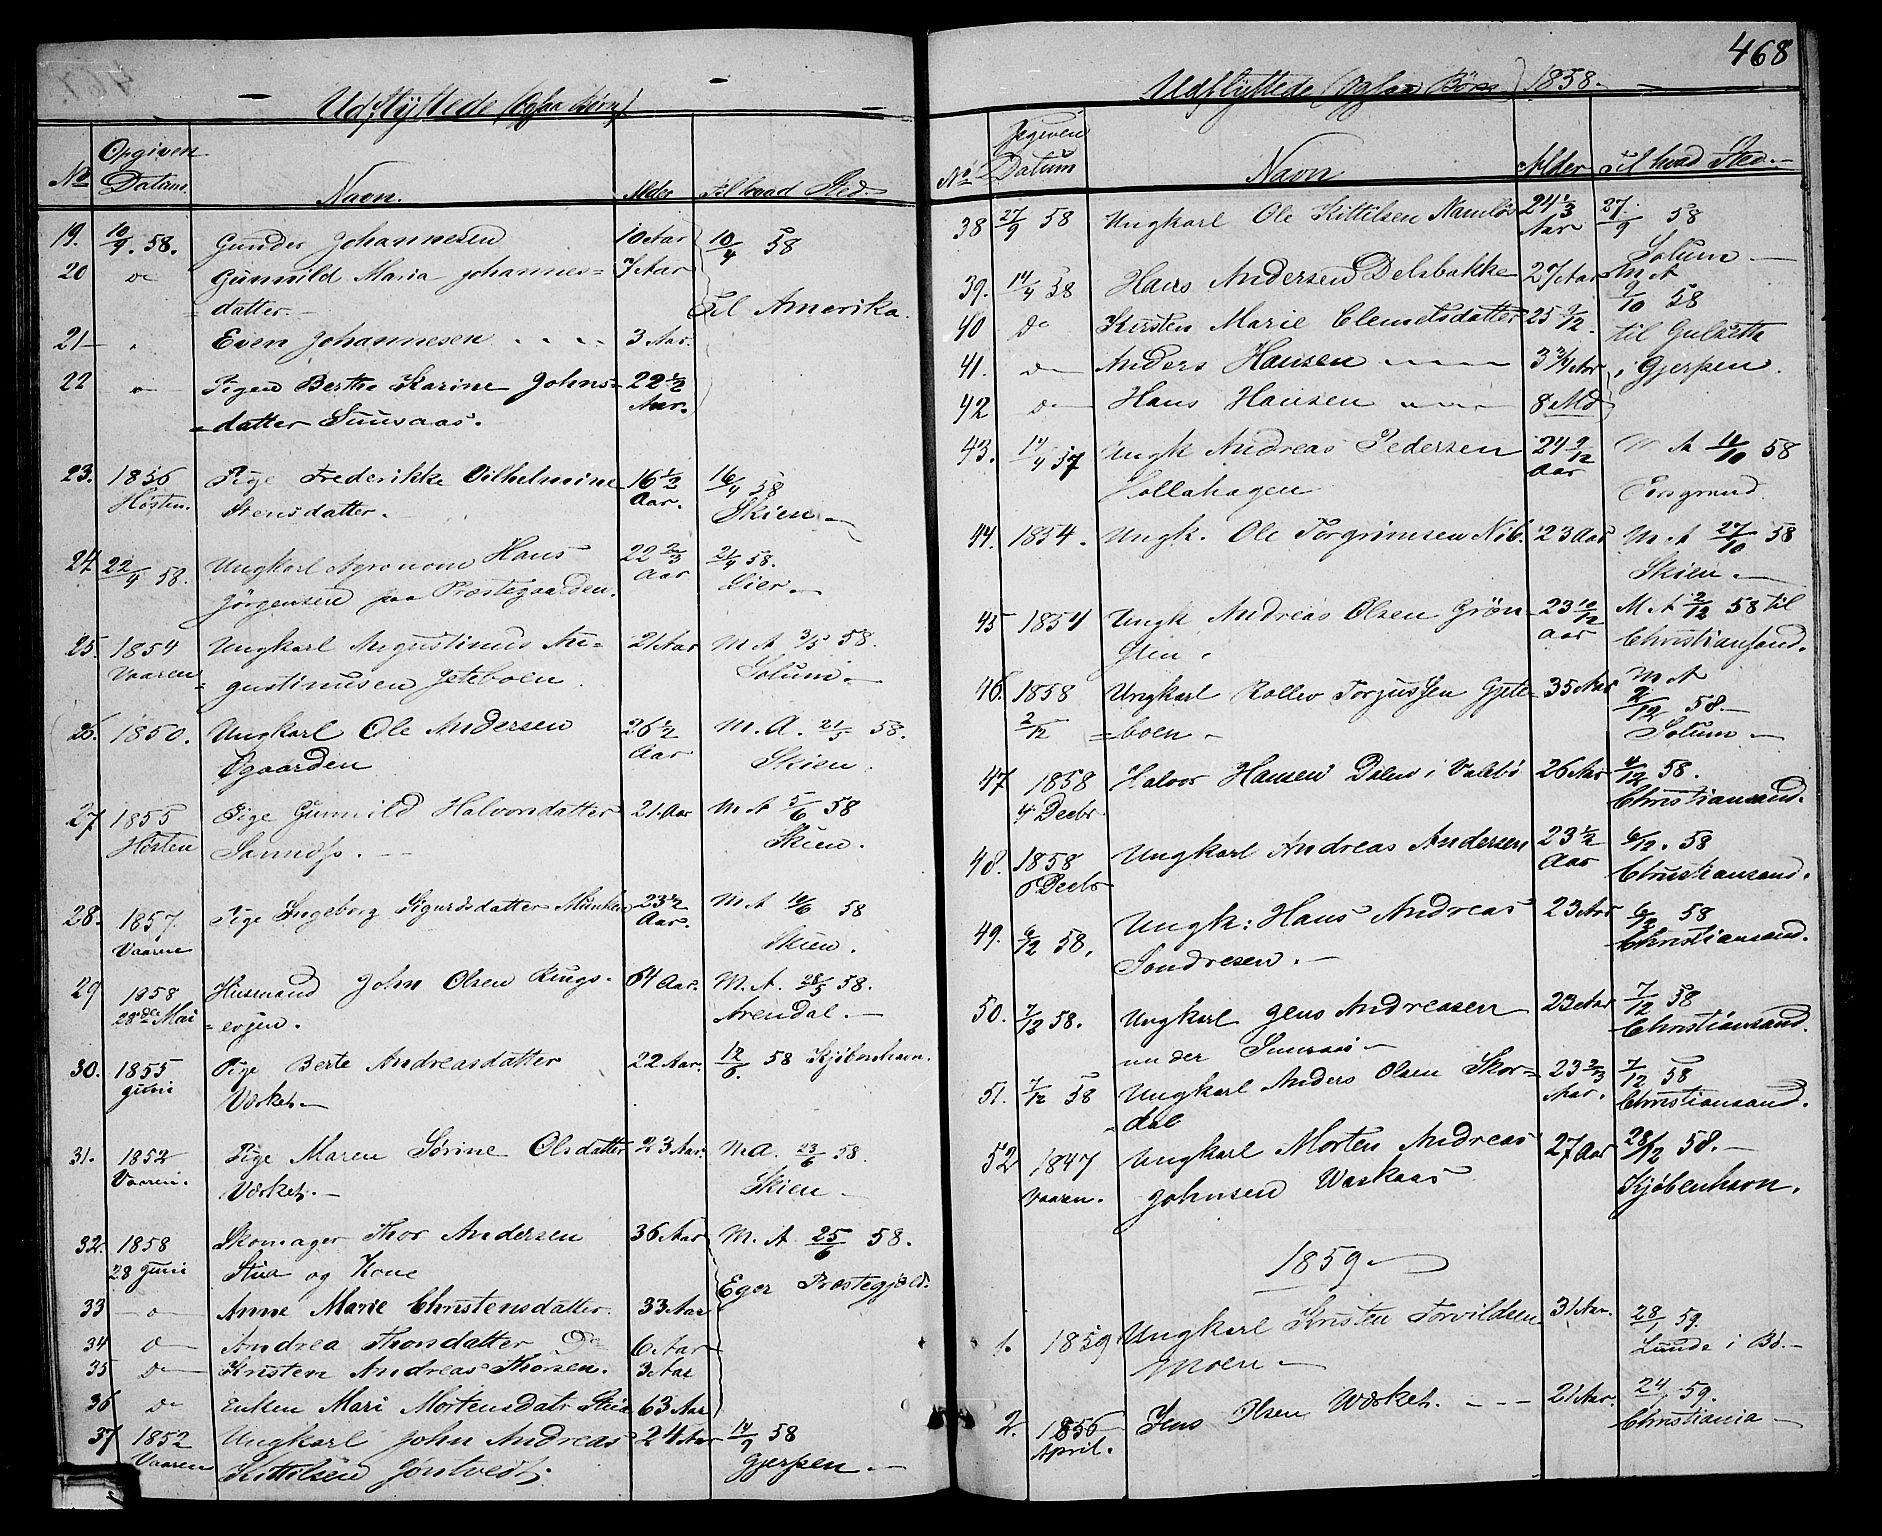 SAKO, Holla kirkebøker, G/Ga/L0003: Klokkerbok nr. I 3, 1849-1866, s. 468